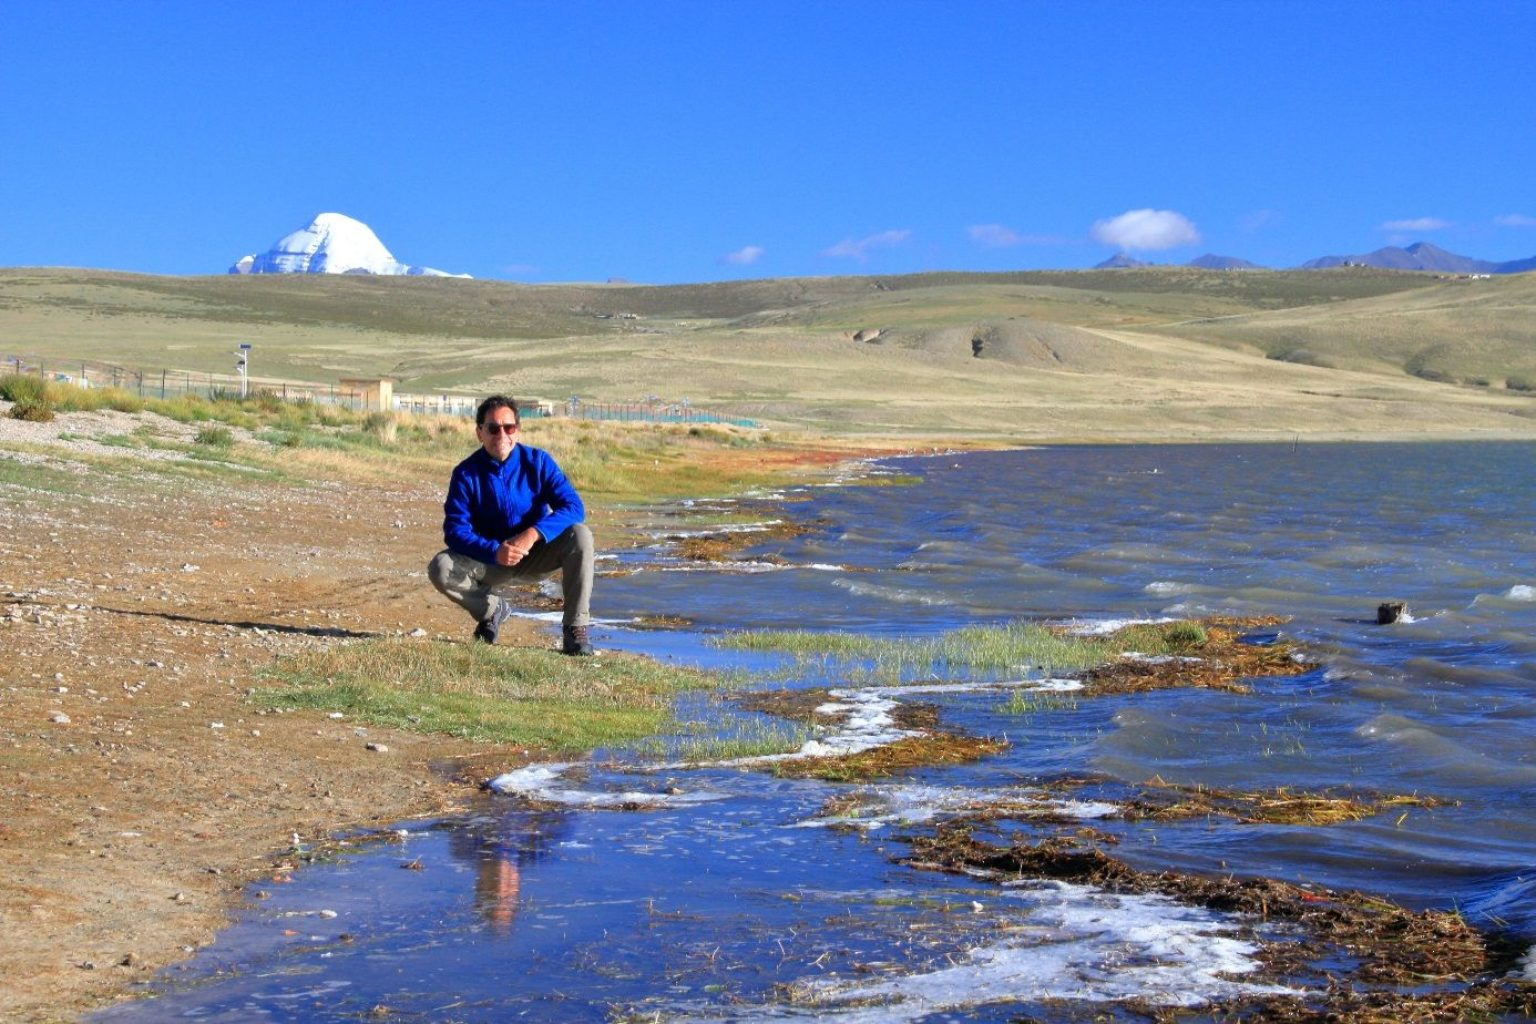 Der Autor am See Manasarovar im Westen Tibets; im Hintergrund der heilige Berg Kailash, an welchem der Brahmaputra, der Sutlej, der Ganges und der Indus entspringen. Höhe etwa 4600 m.